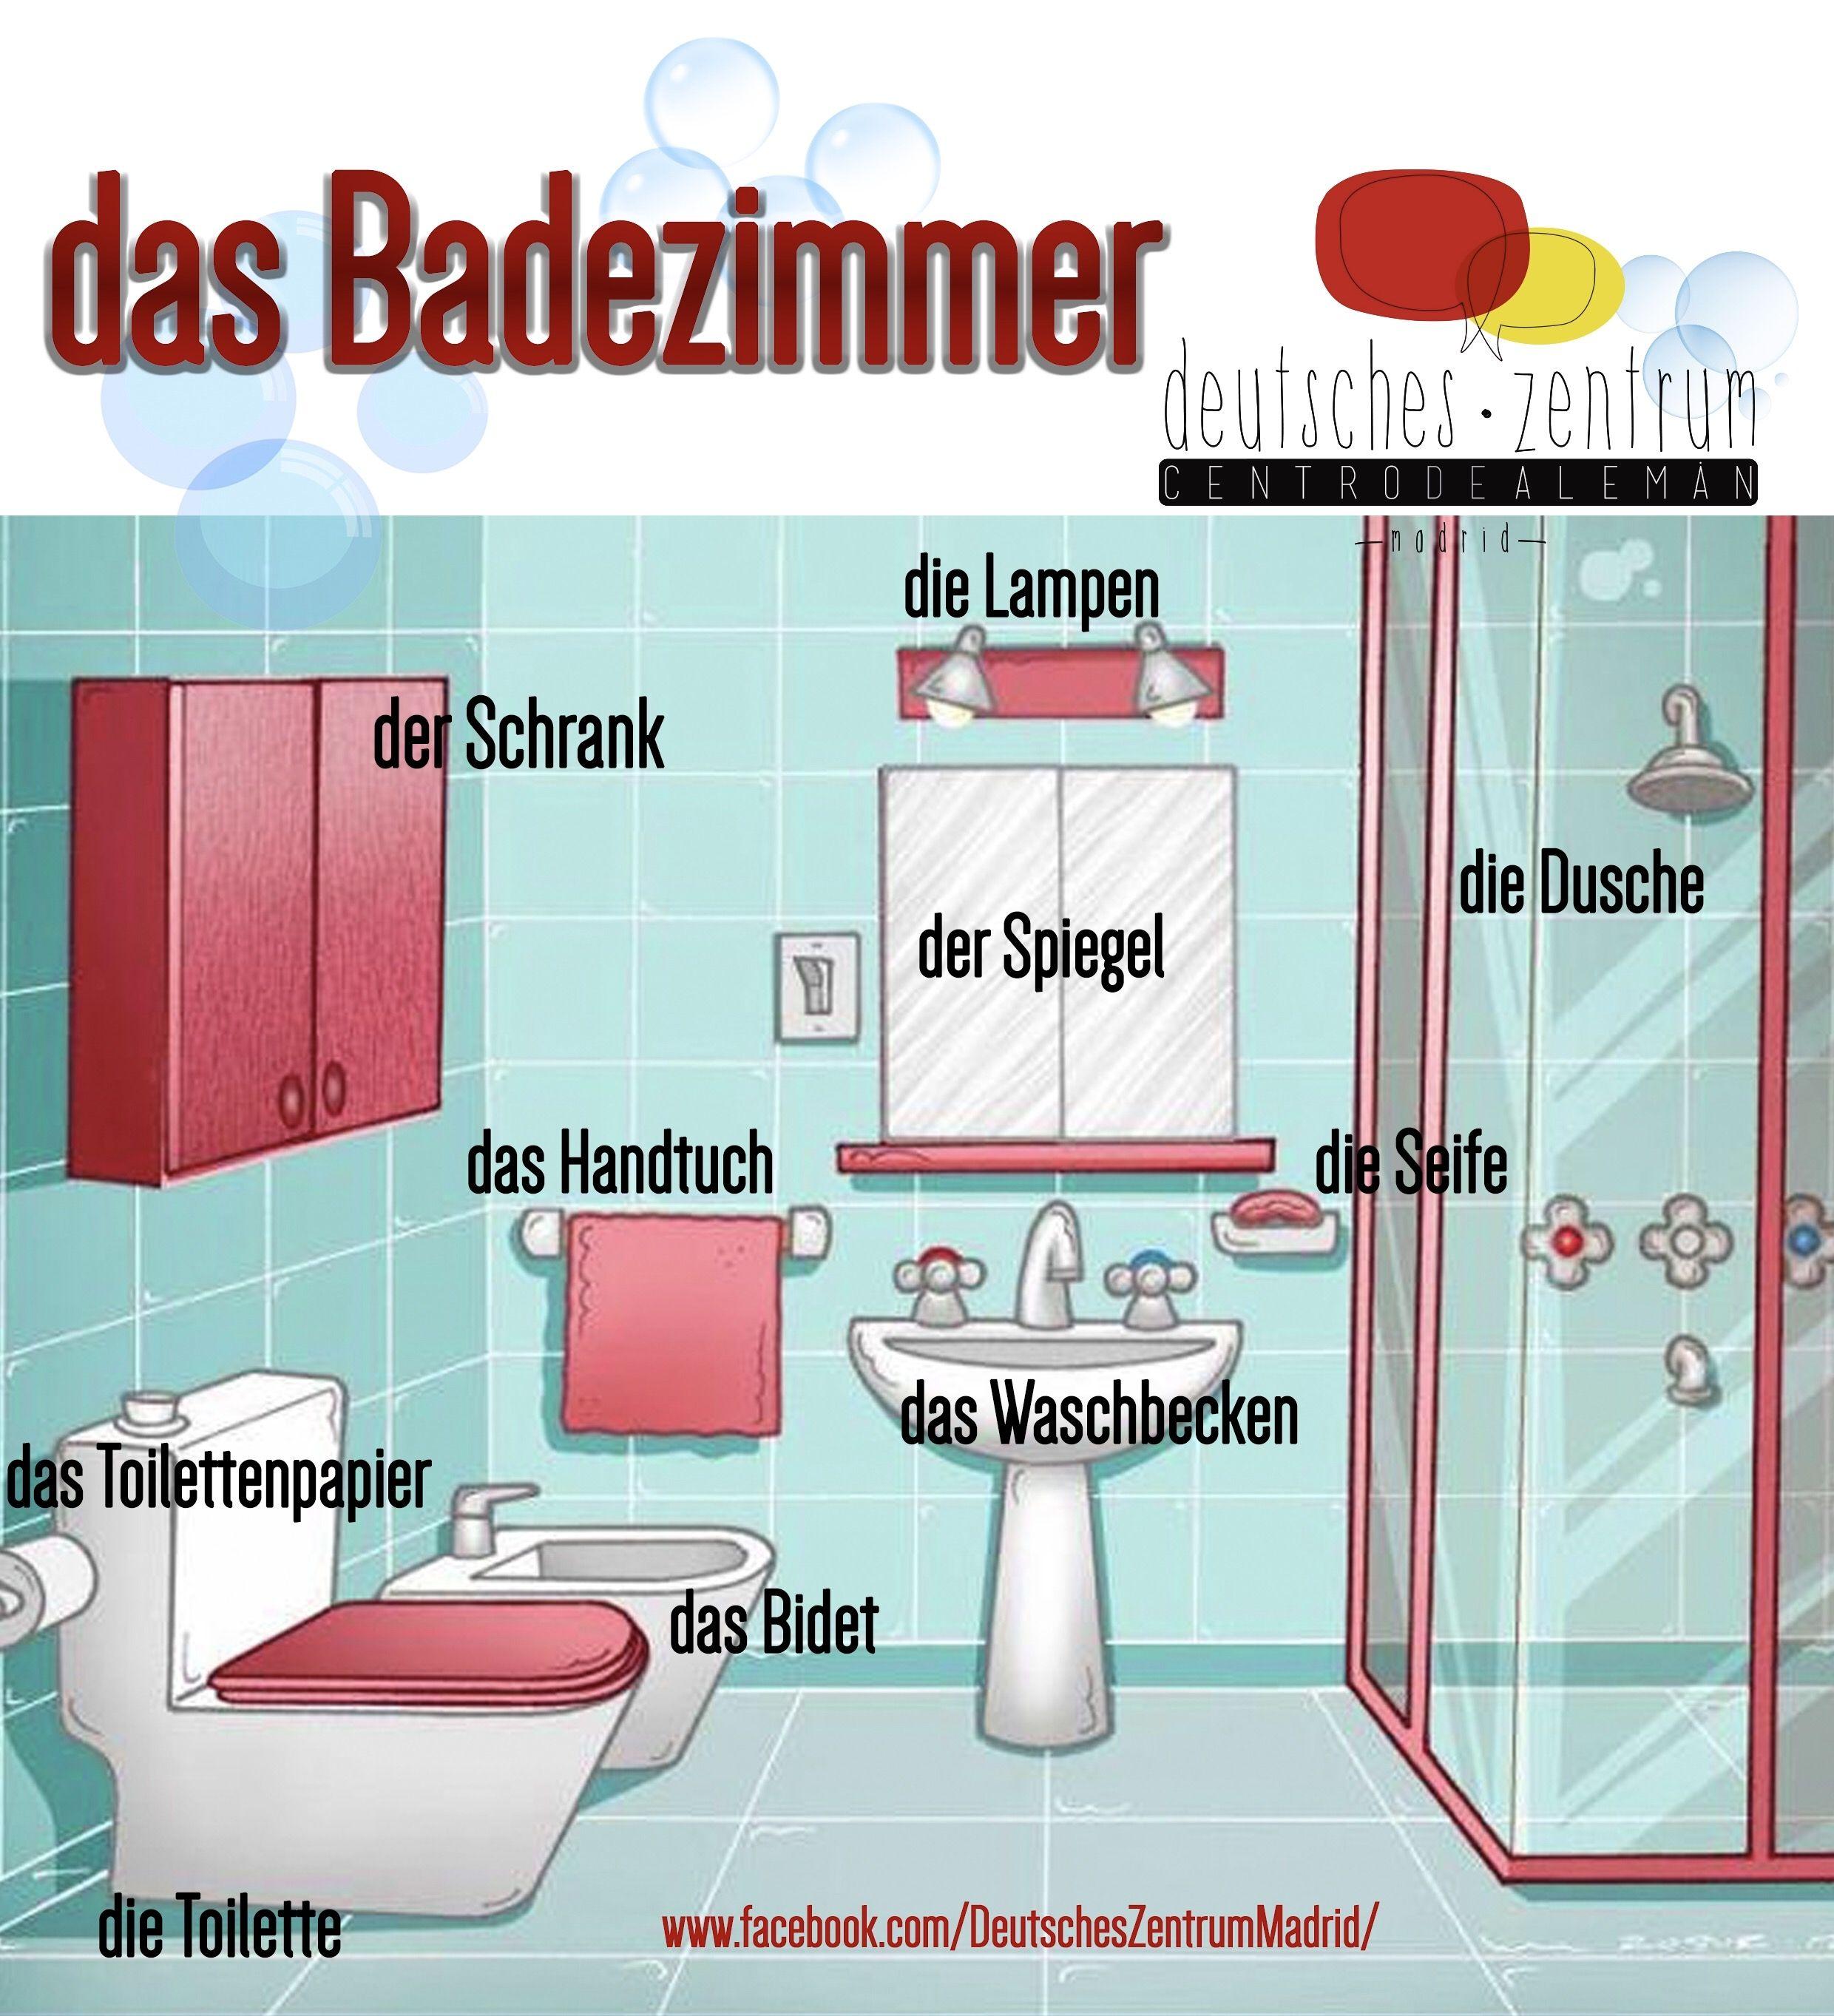 Badezimmer Deutsch Wortschatz Grammatik Alemán German DAF